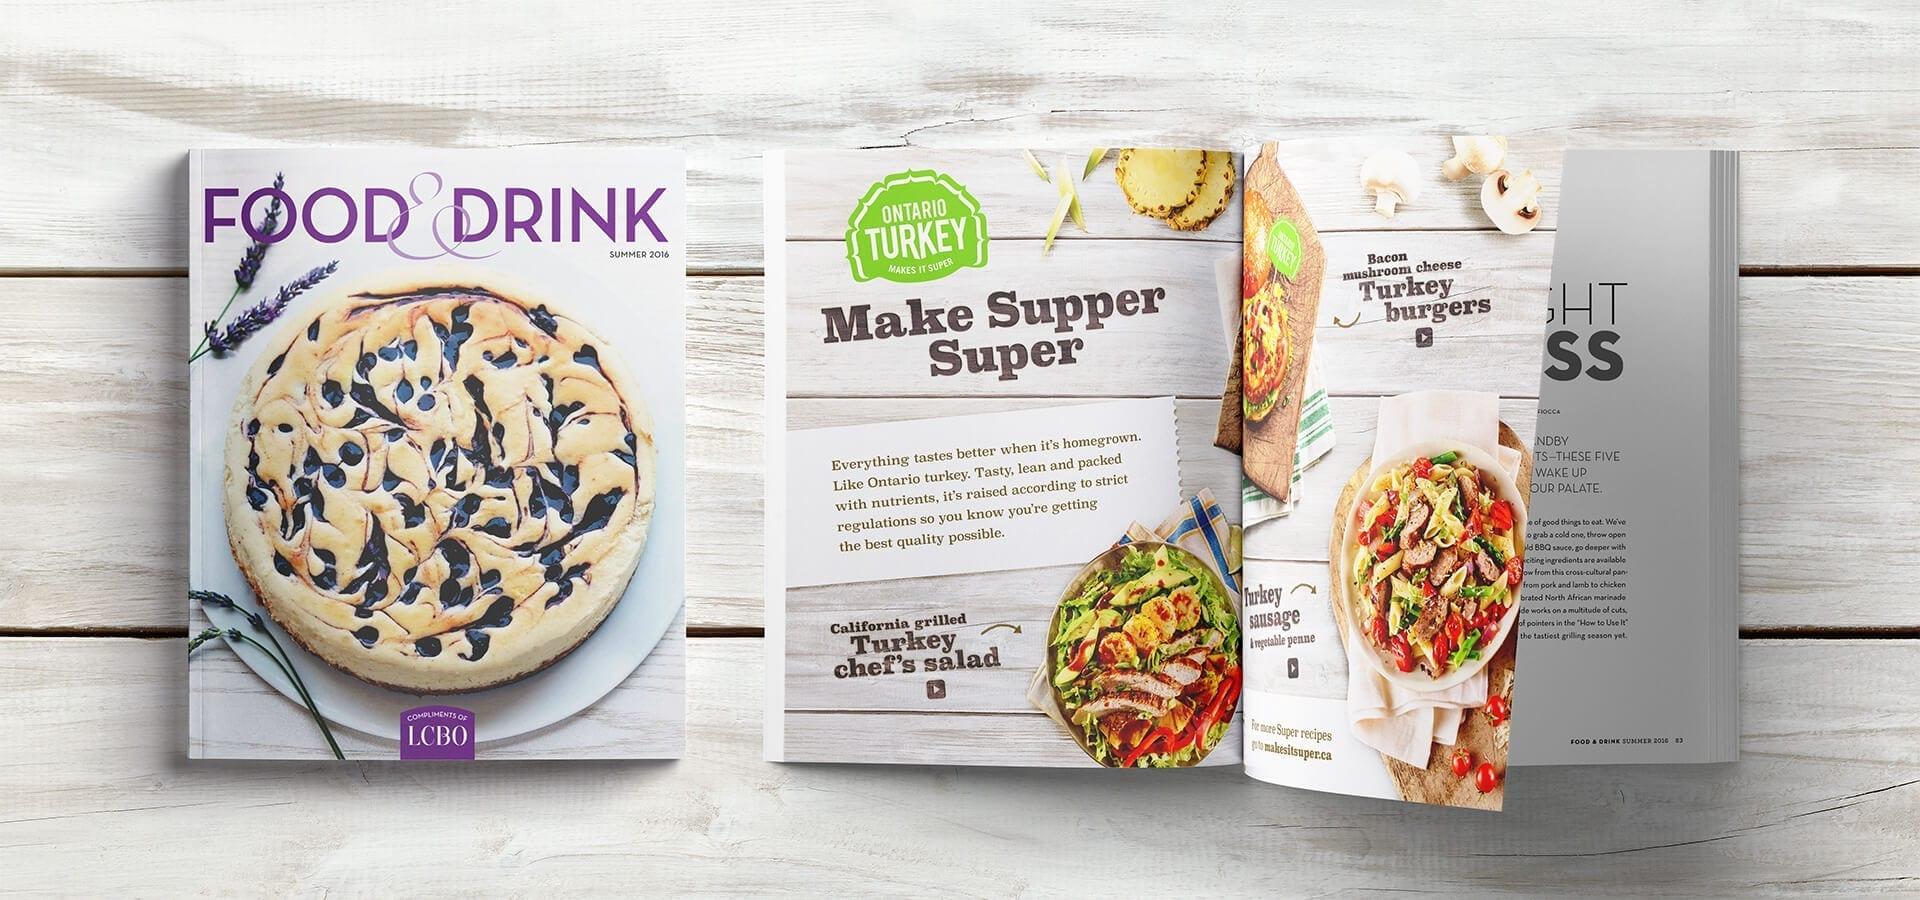 Ontario Turkey Food & Drink double-page spread (DPS)